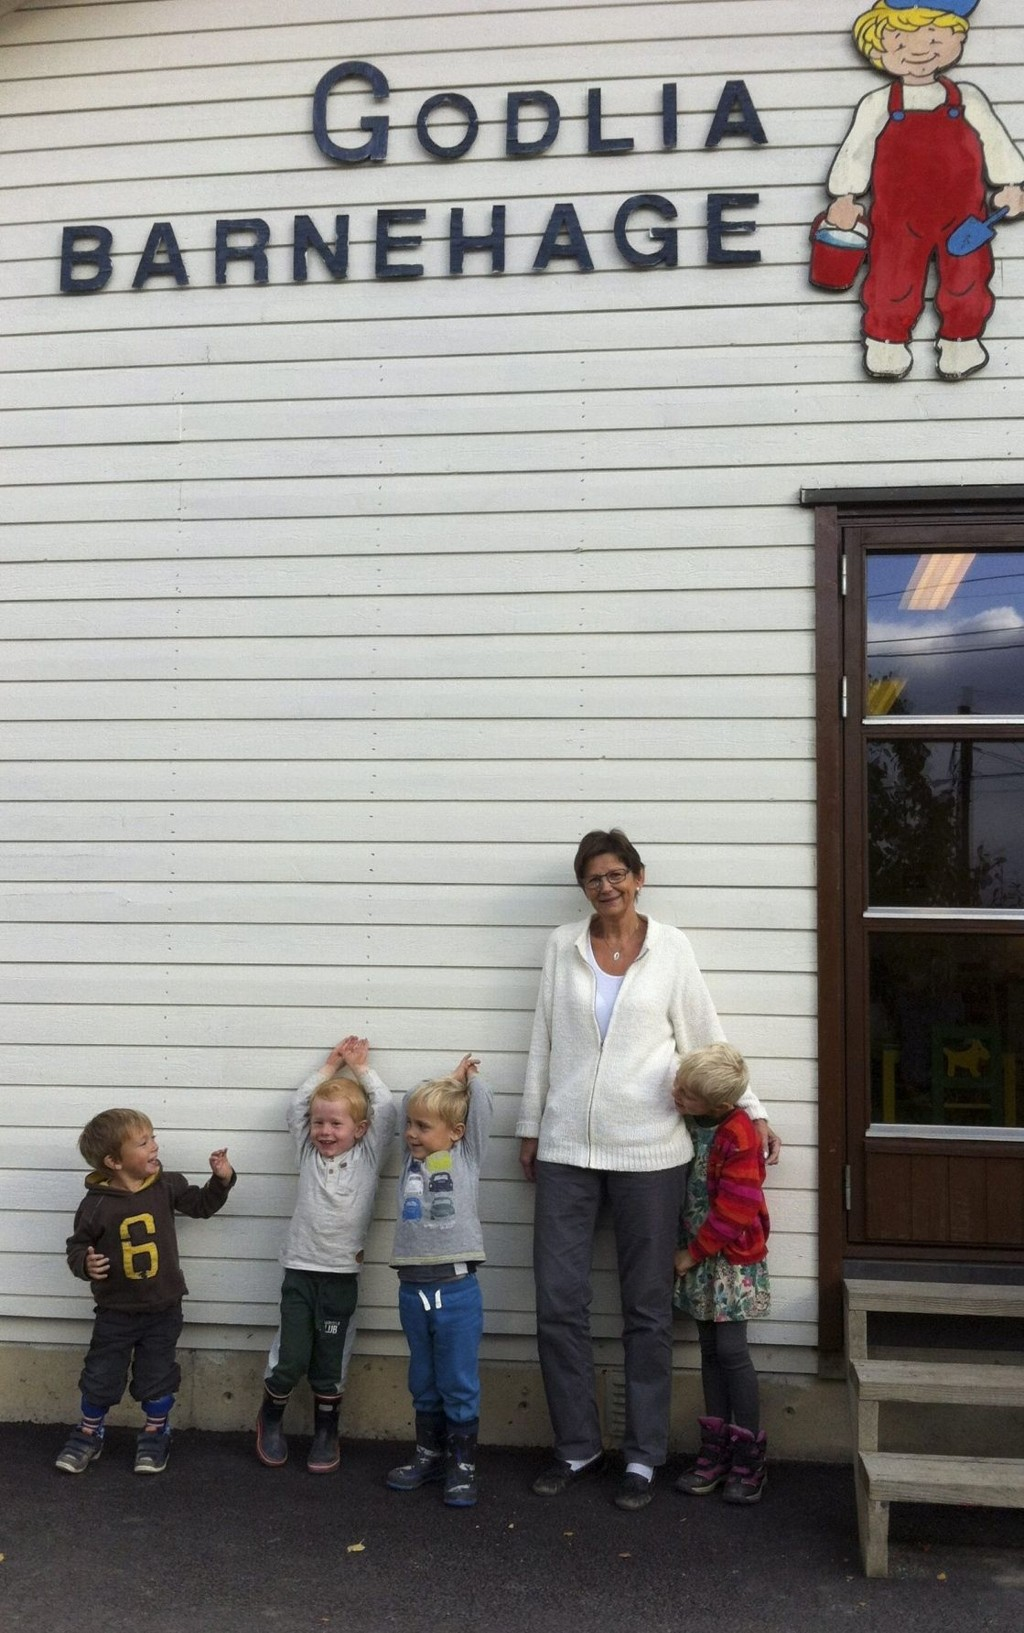 KLARE FOR FEST: Styrer Elisabeth Larsen sammen med noen av dagens barnehagebarn, som gleder seg til lørdagens 25-årsfest. Fra venstre: Sigurd, Eirik, Hans og Liv. Foto: Privat